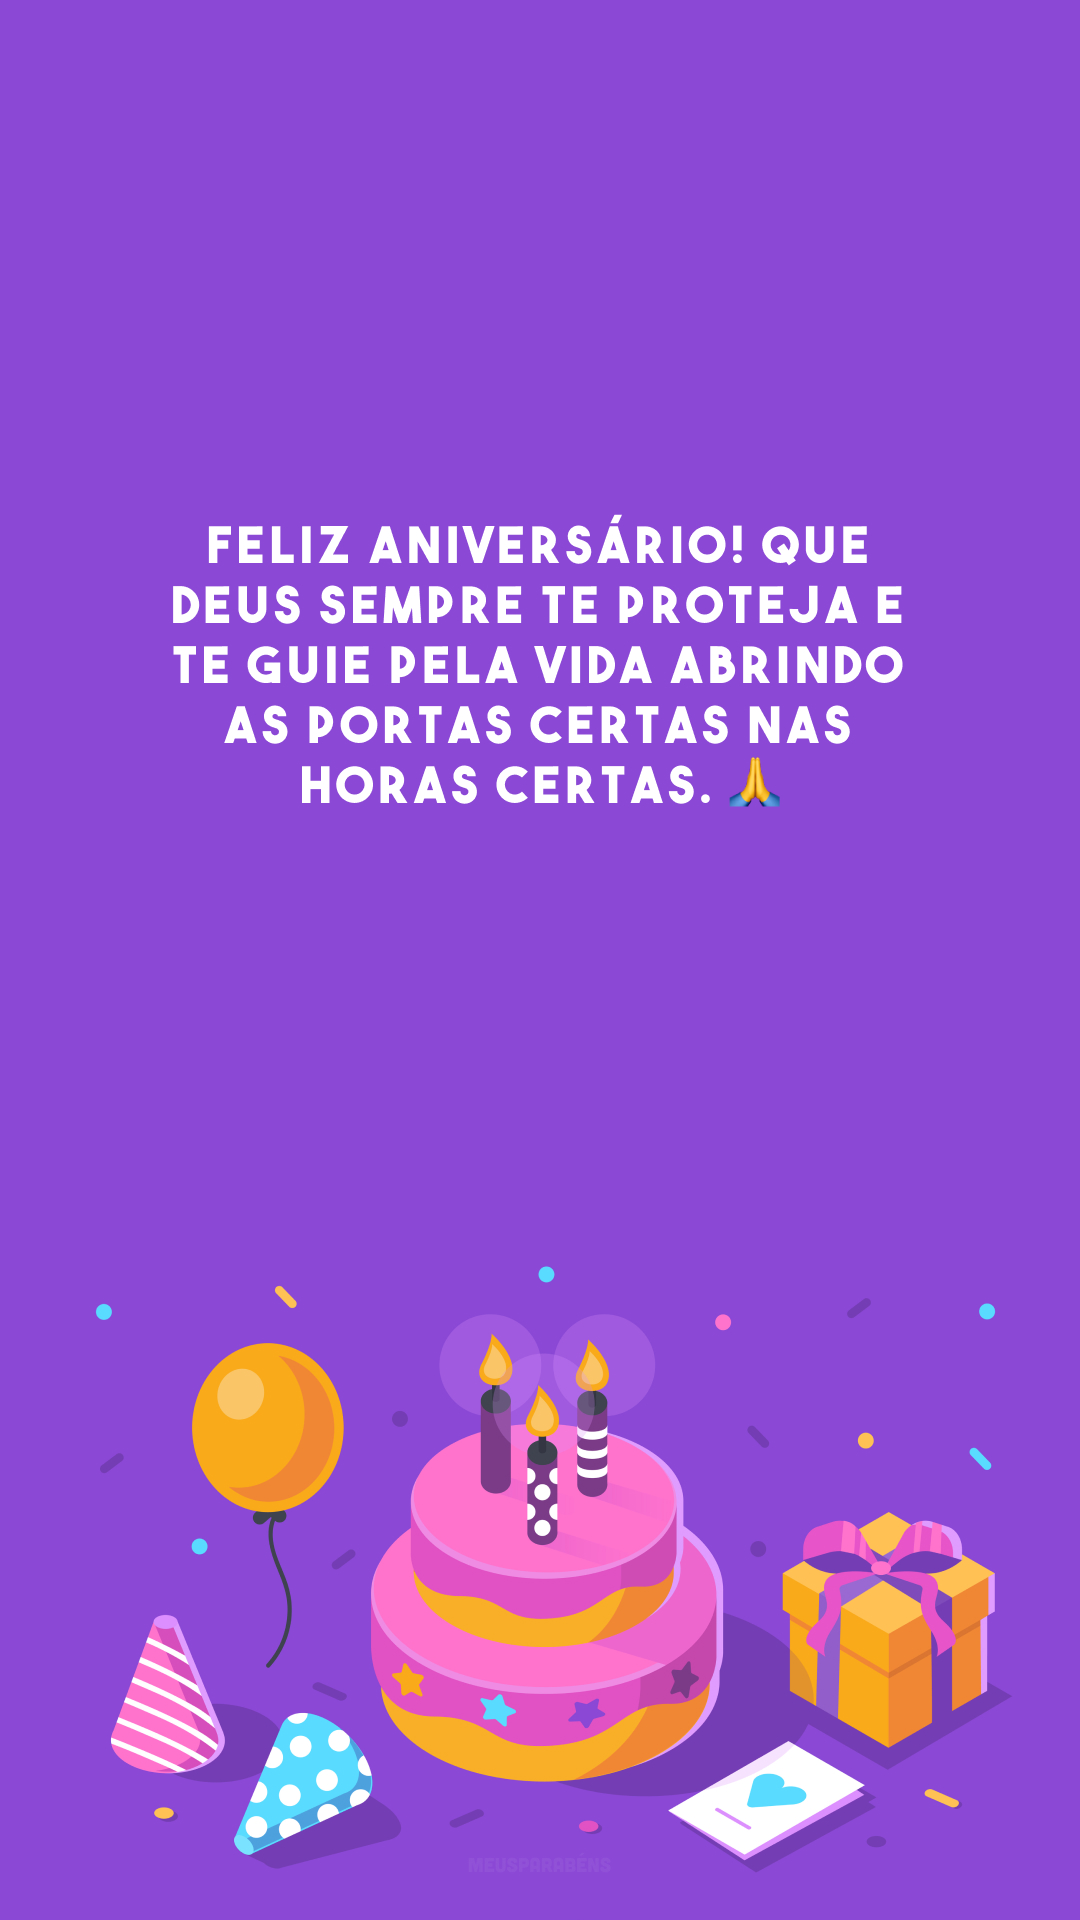 Feliz aniversário! Que Deus sempre te proteja e te guie pela vida abrindo as portas certas nas horas certas. 🙏